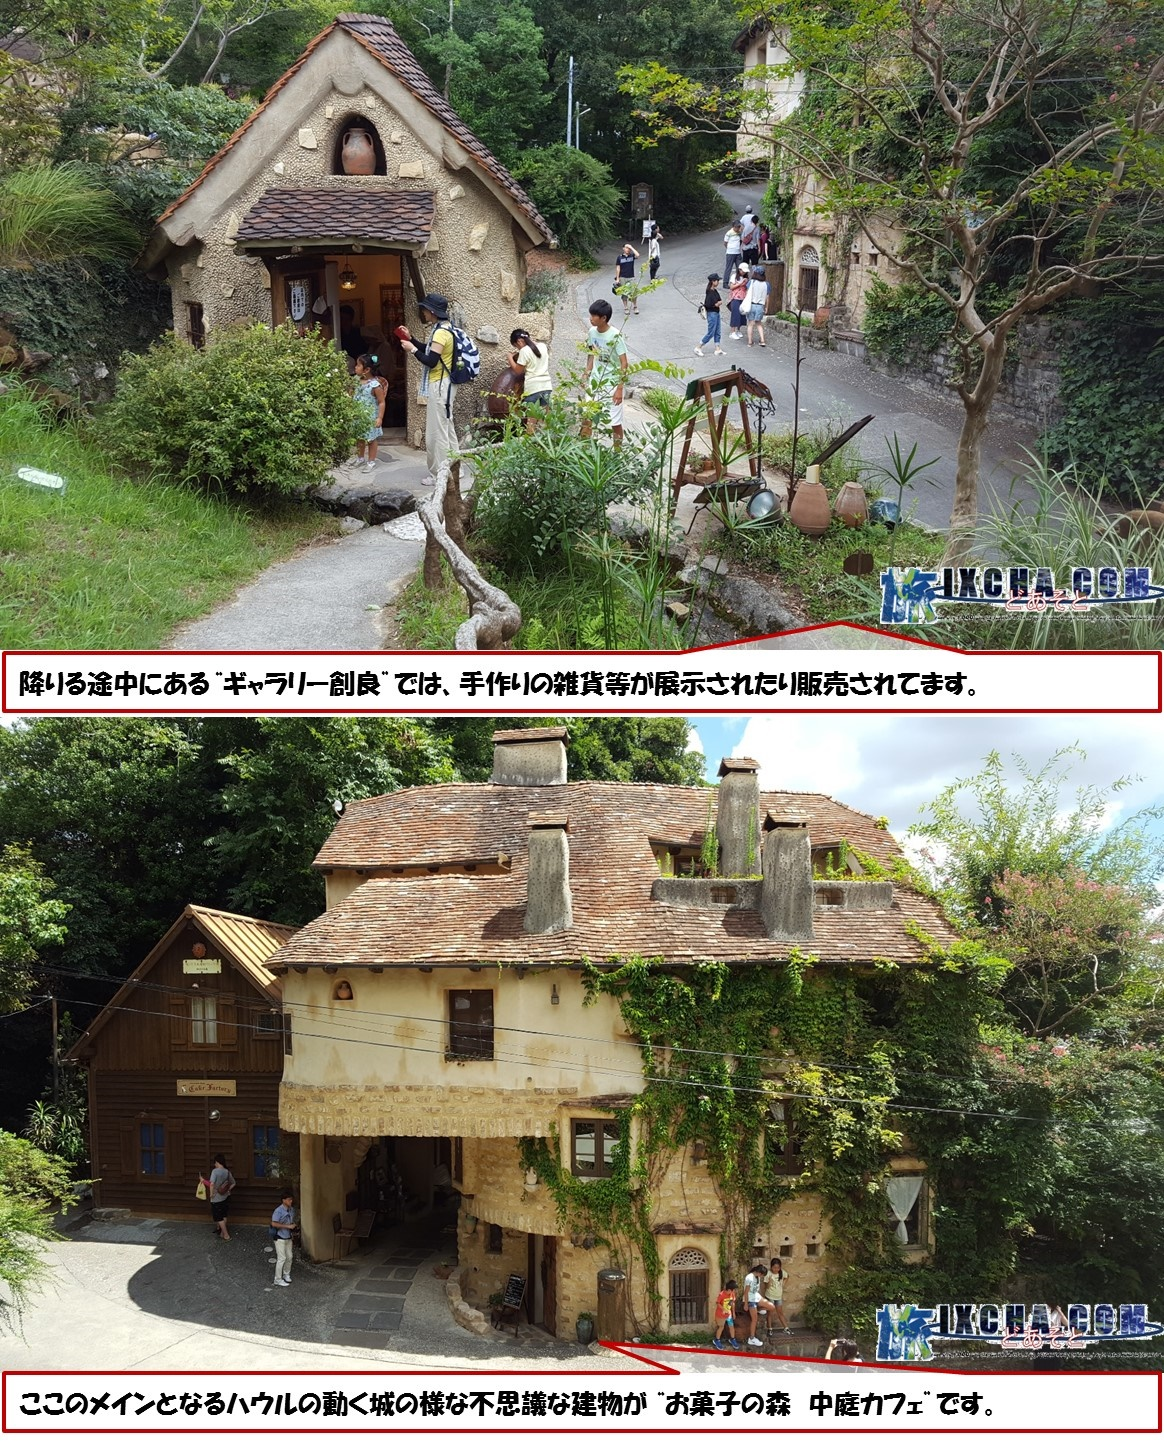 """降りる途中にある""""ギャラリー創良""""では、手作りの雑貨等が展示されたり販売されてます。 ここのメインとなるハウルの動く城の様な不思議な建物が """"お菓子の森 中庭カフェ""""です。"""